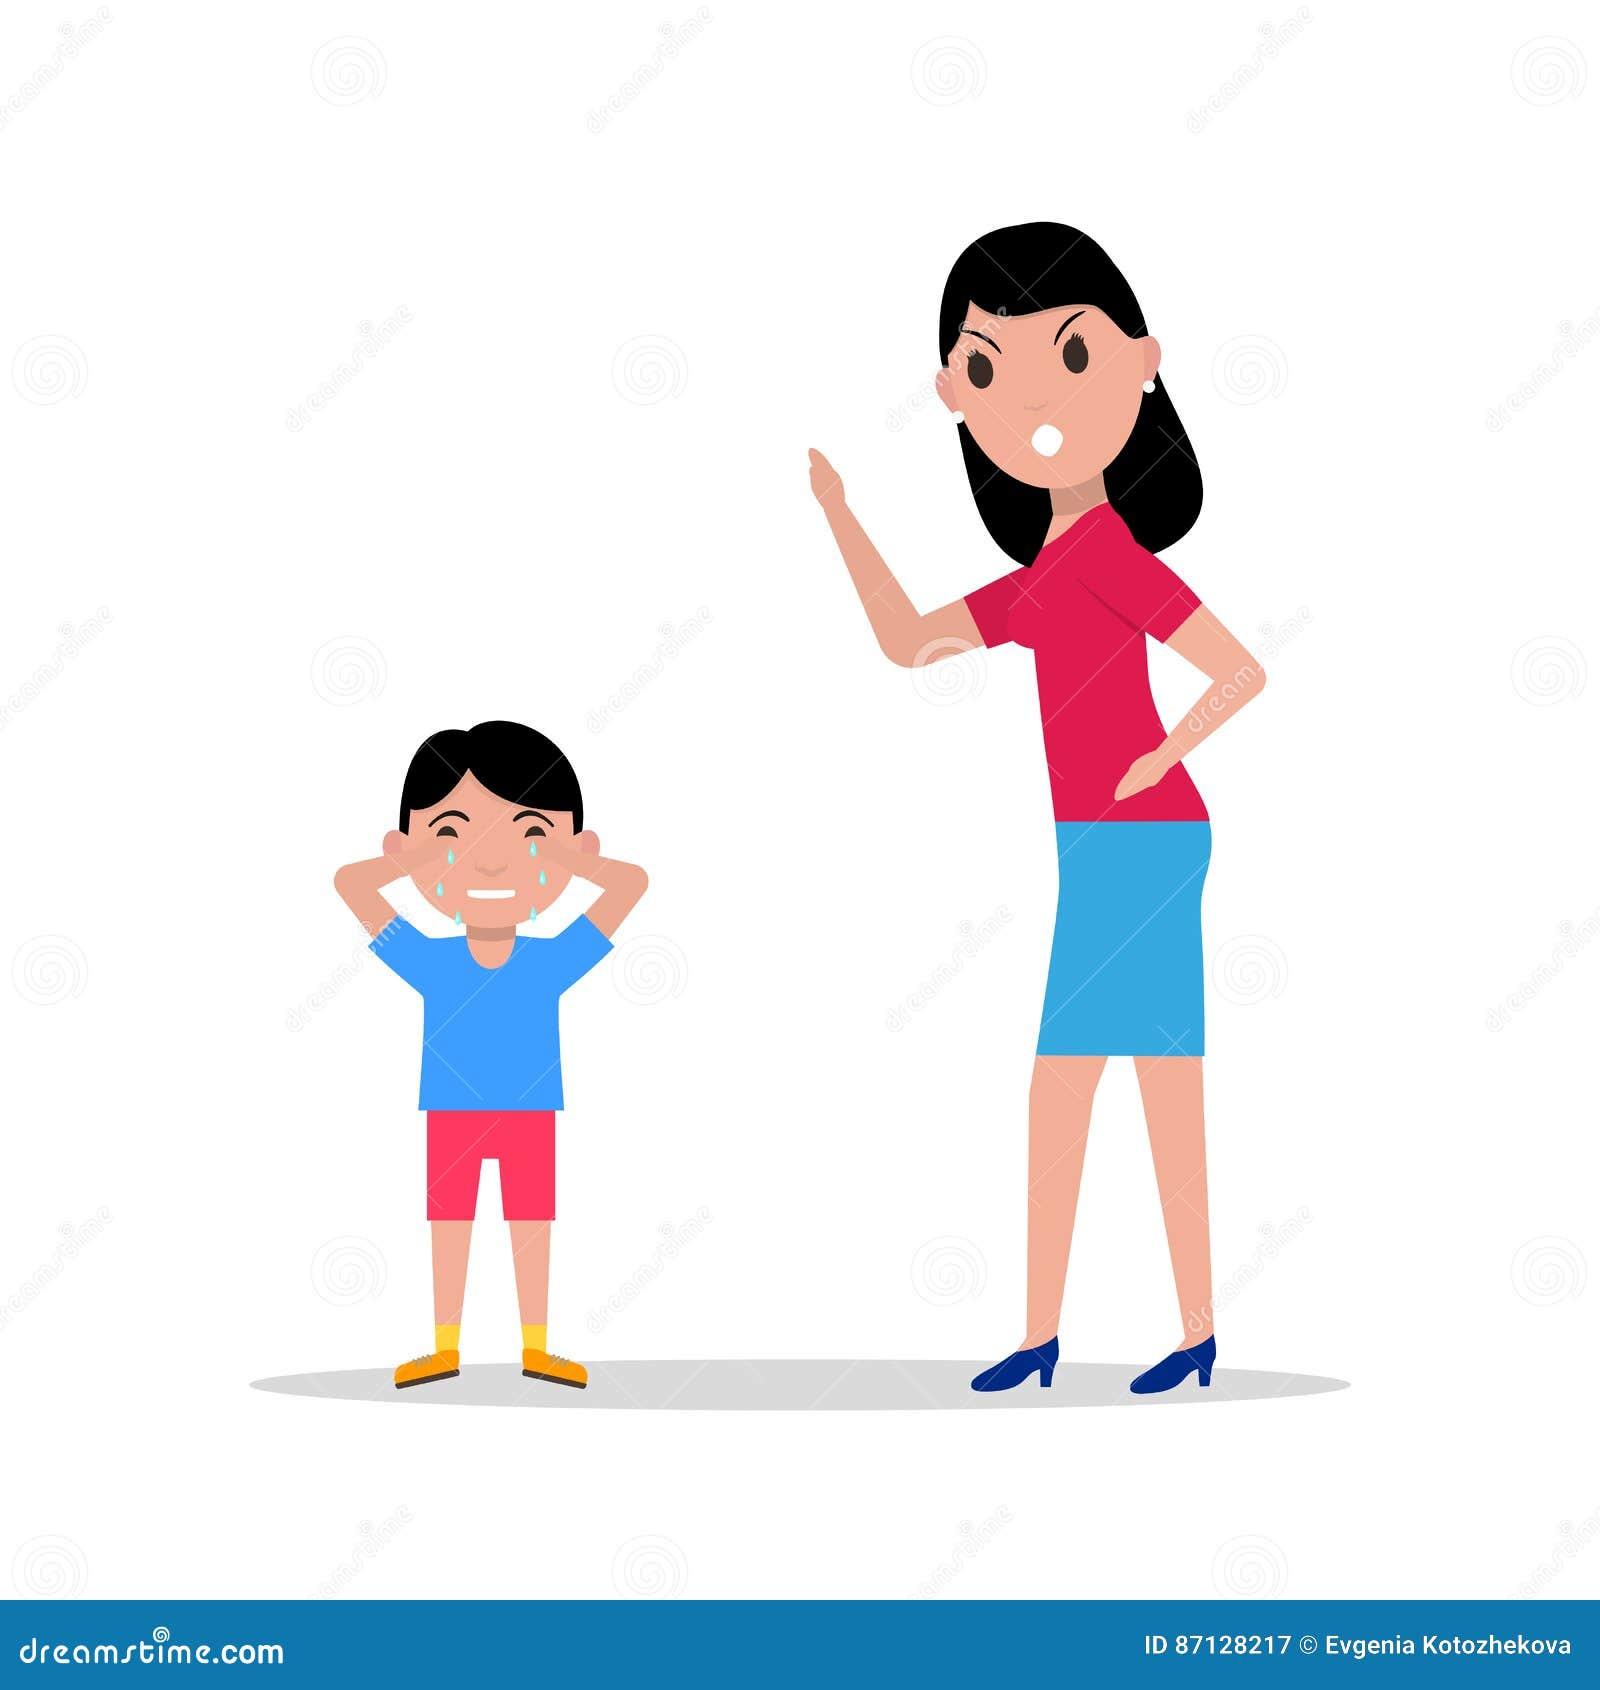 Διανυσματικήη μητέρα κινούμενων σχεδίων που επιπλήττει το παιδί της